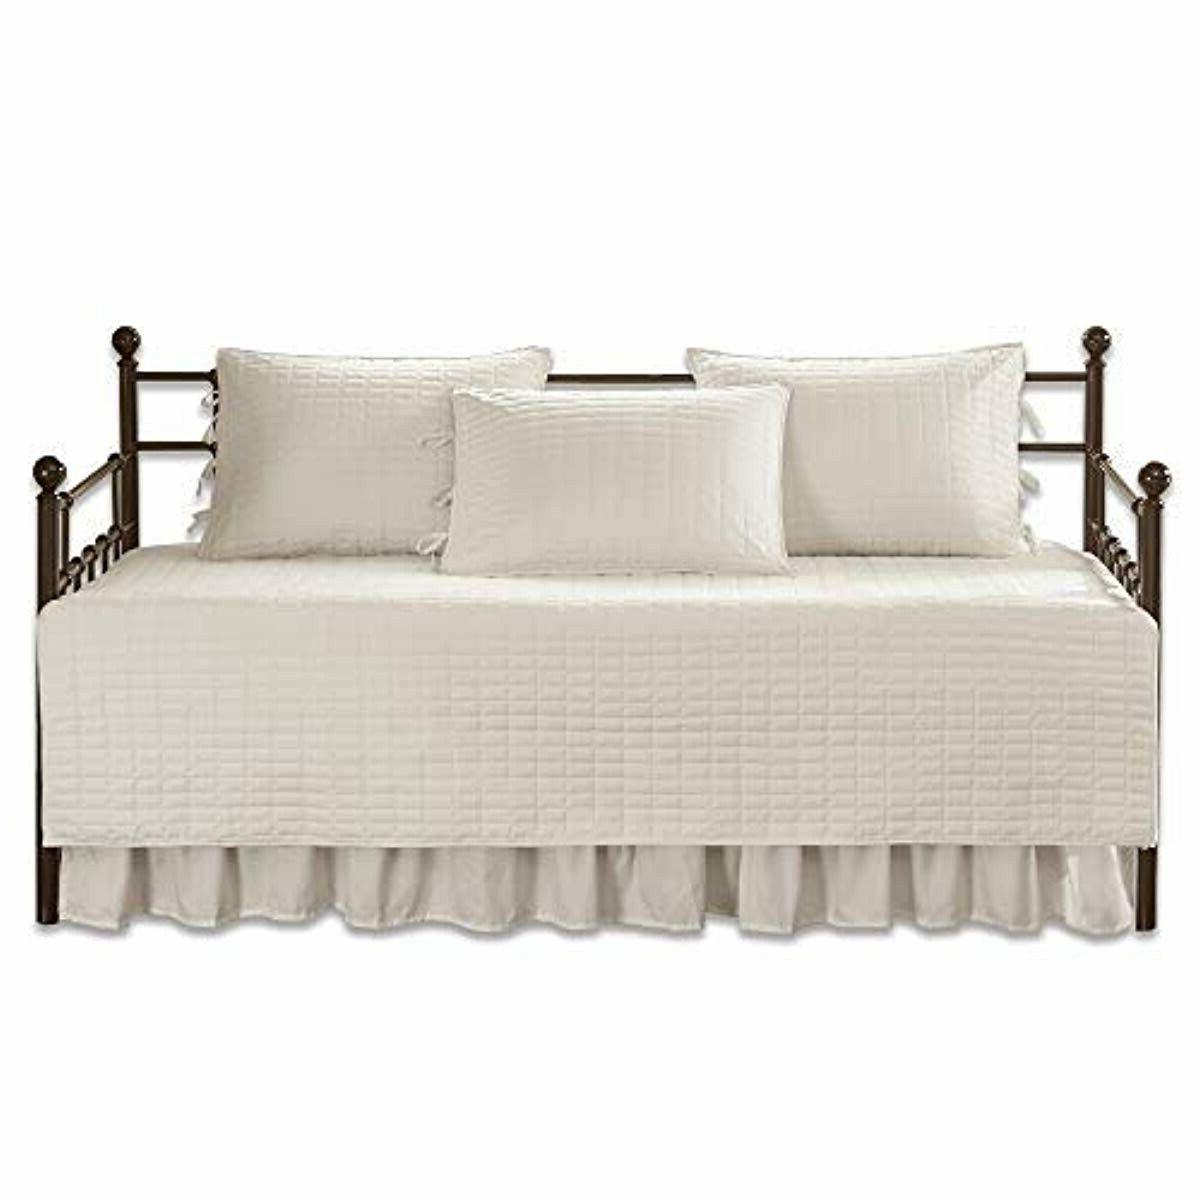 kienna daybed set stitched quilt pattern 5